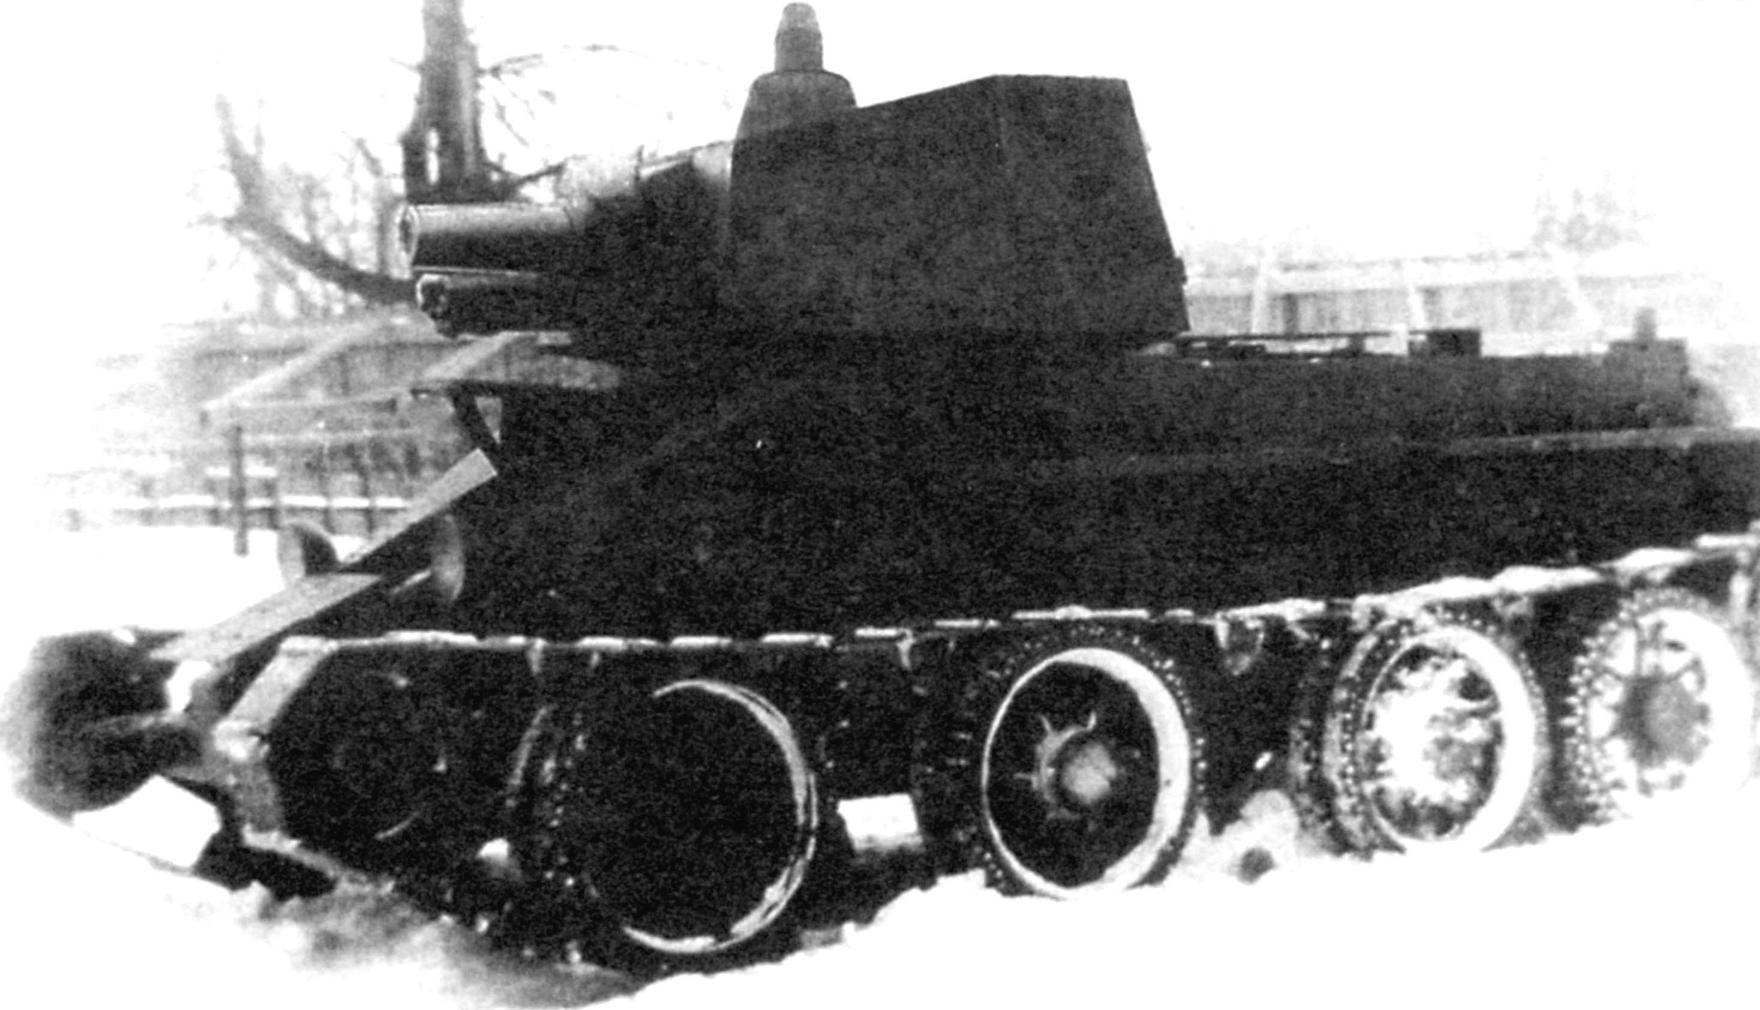 Артиллерийский танк Дыренкова Д-38, созданный на базе танка БТ-2. Первоначальный образец с двумя 76,2-мм и 37-мм пушками. 1932 г.